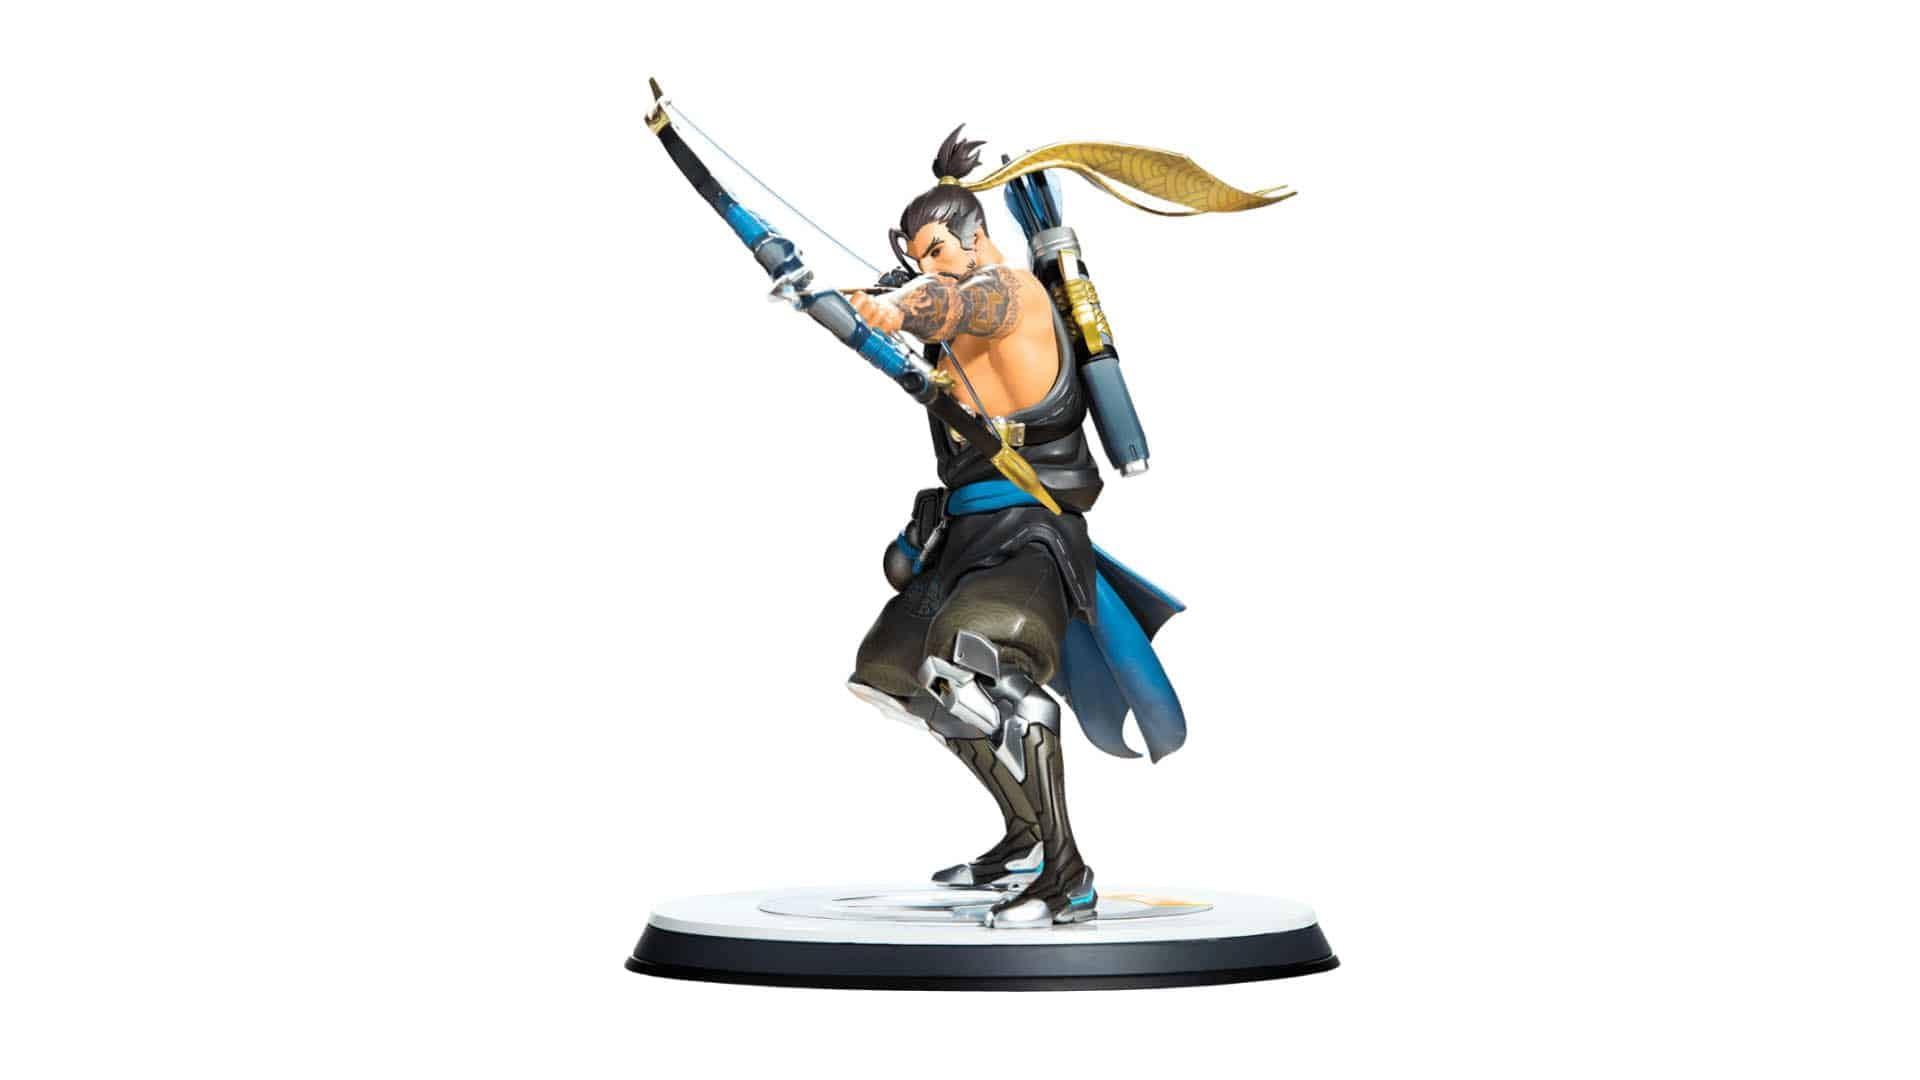 Blizzard Overwatch Hanzo Statue 8